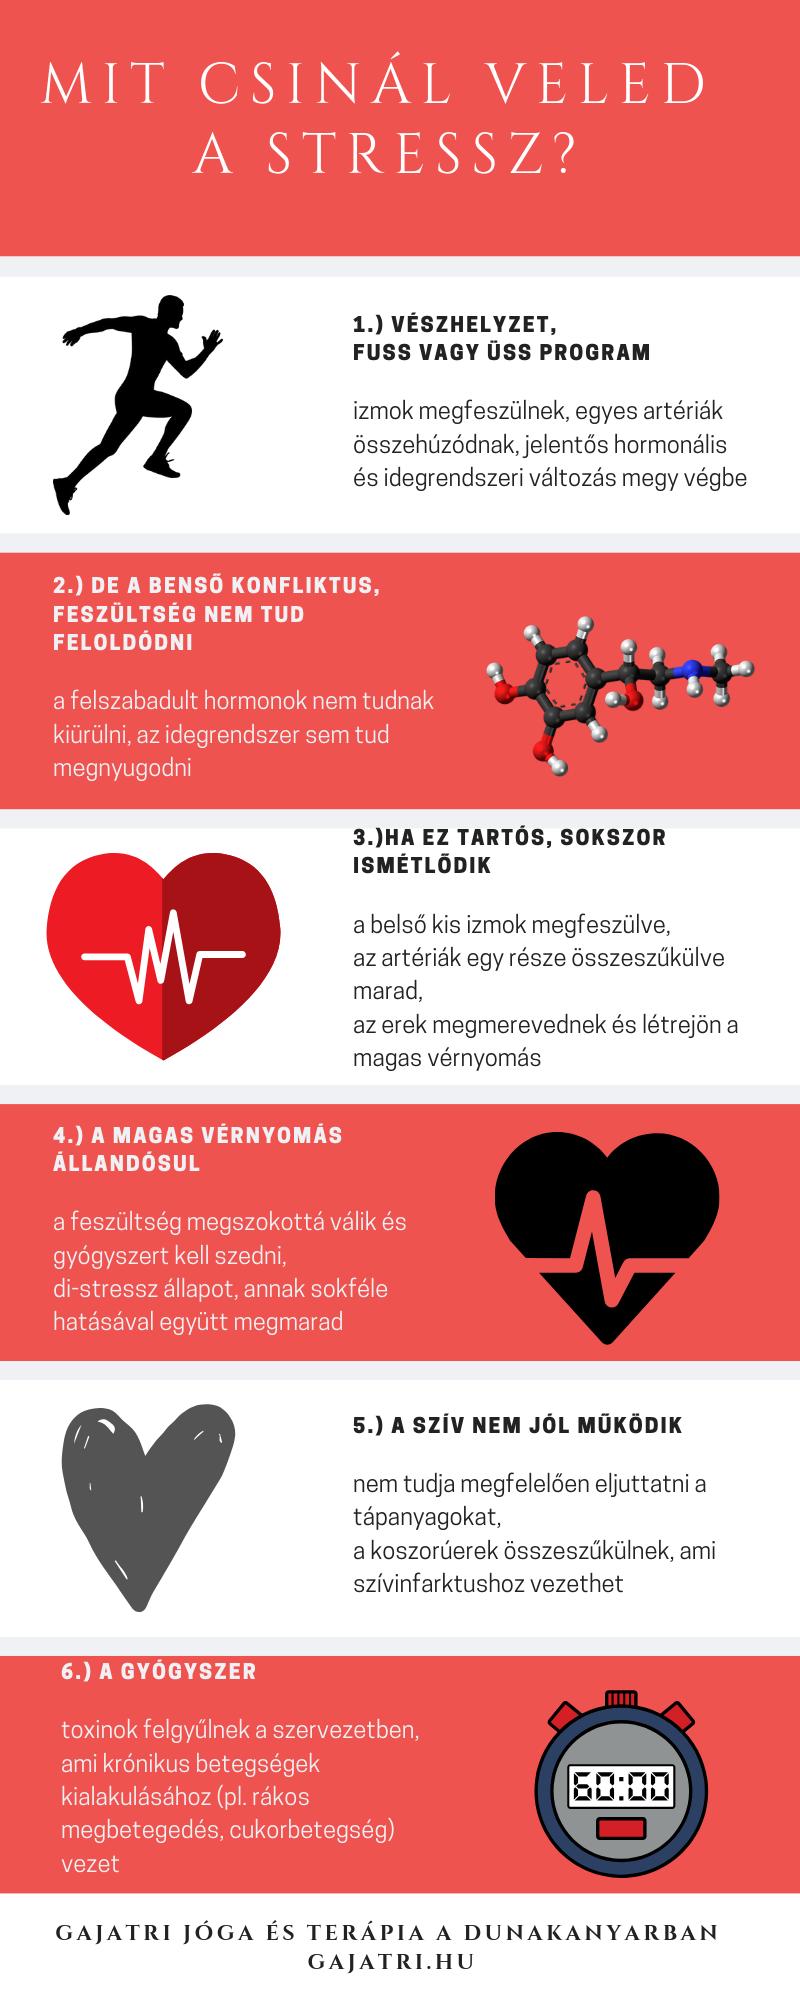 masszázságy magas vérnyomás megúszni a magas vérnyomástól